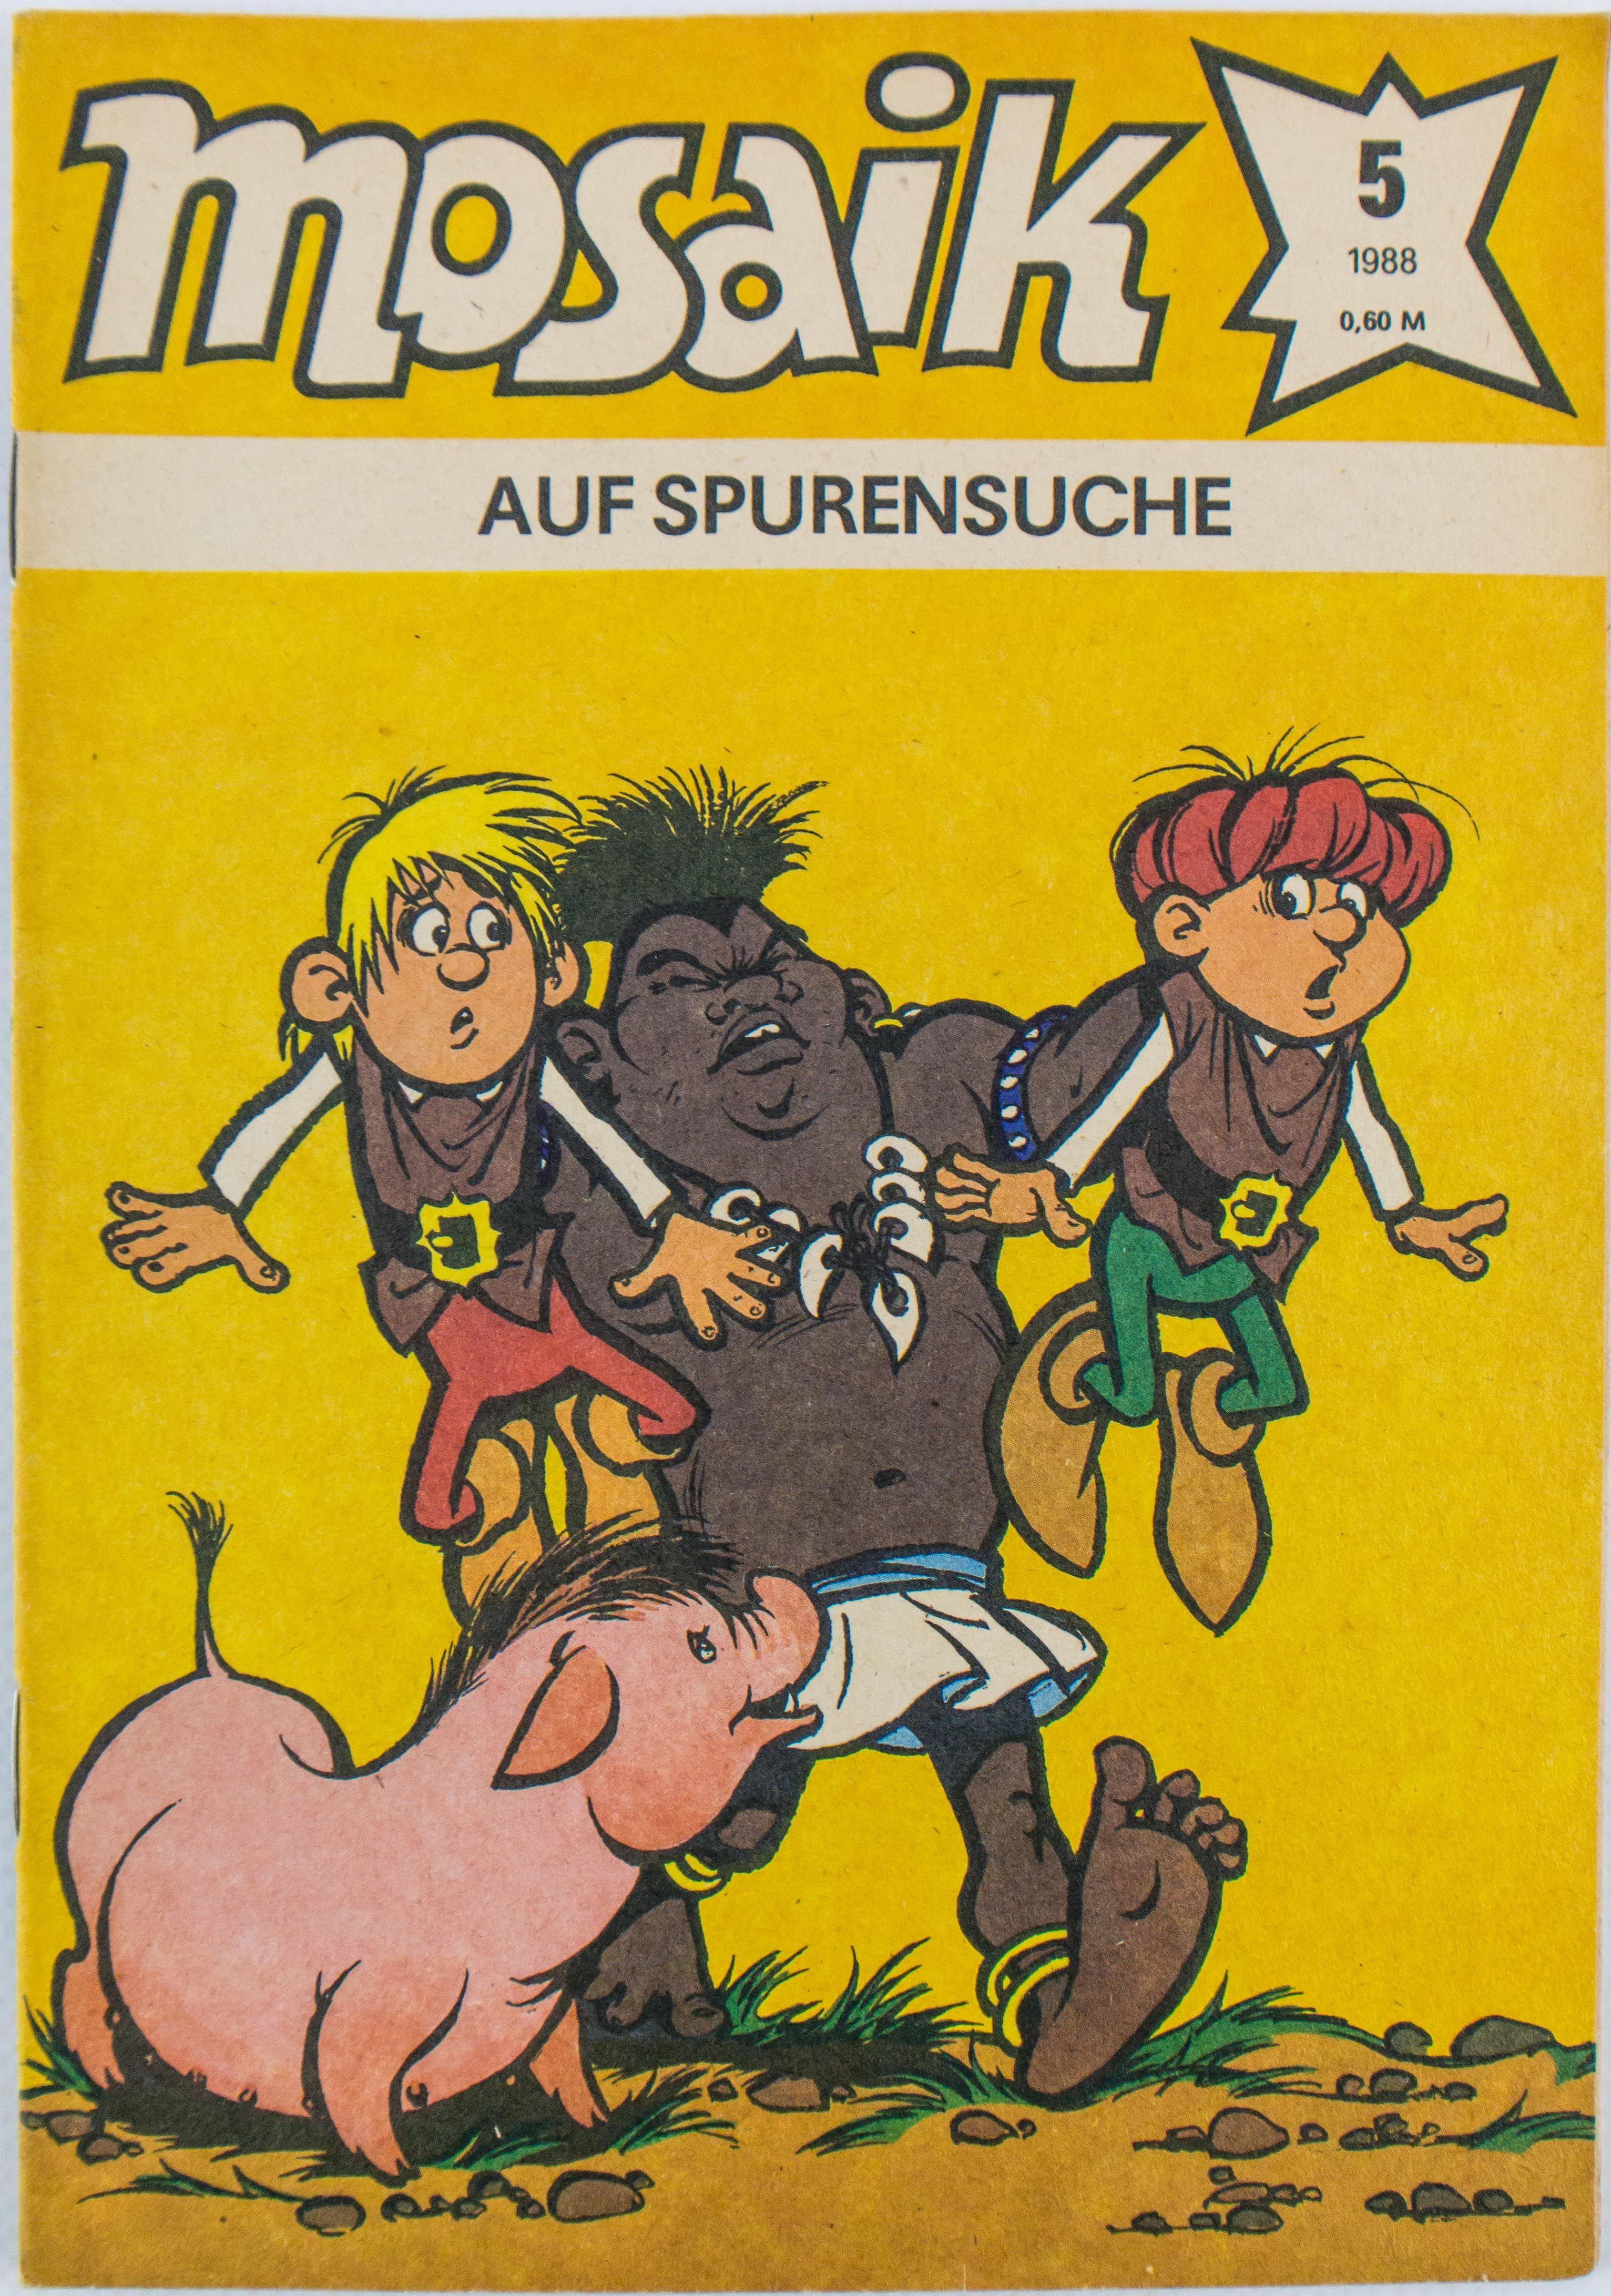 """DDR Museum - Museum: Objektdatenbank - """"Mosaik 1988"""" Copyright: DDR Museum, Berlin. Eine kommerzielle Nutzung des Bildes ist nicht erlaubt, but feel free to repin it!"""